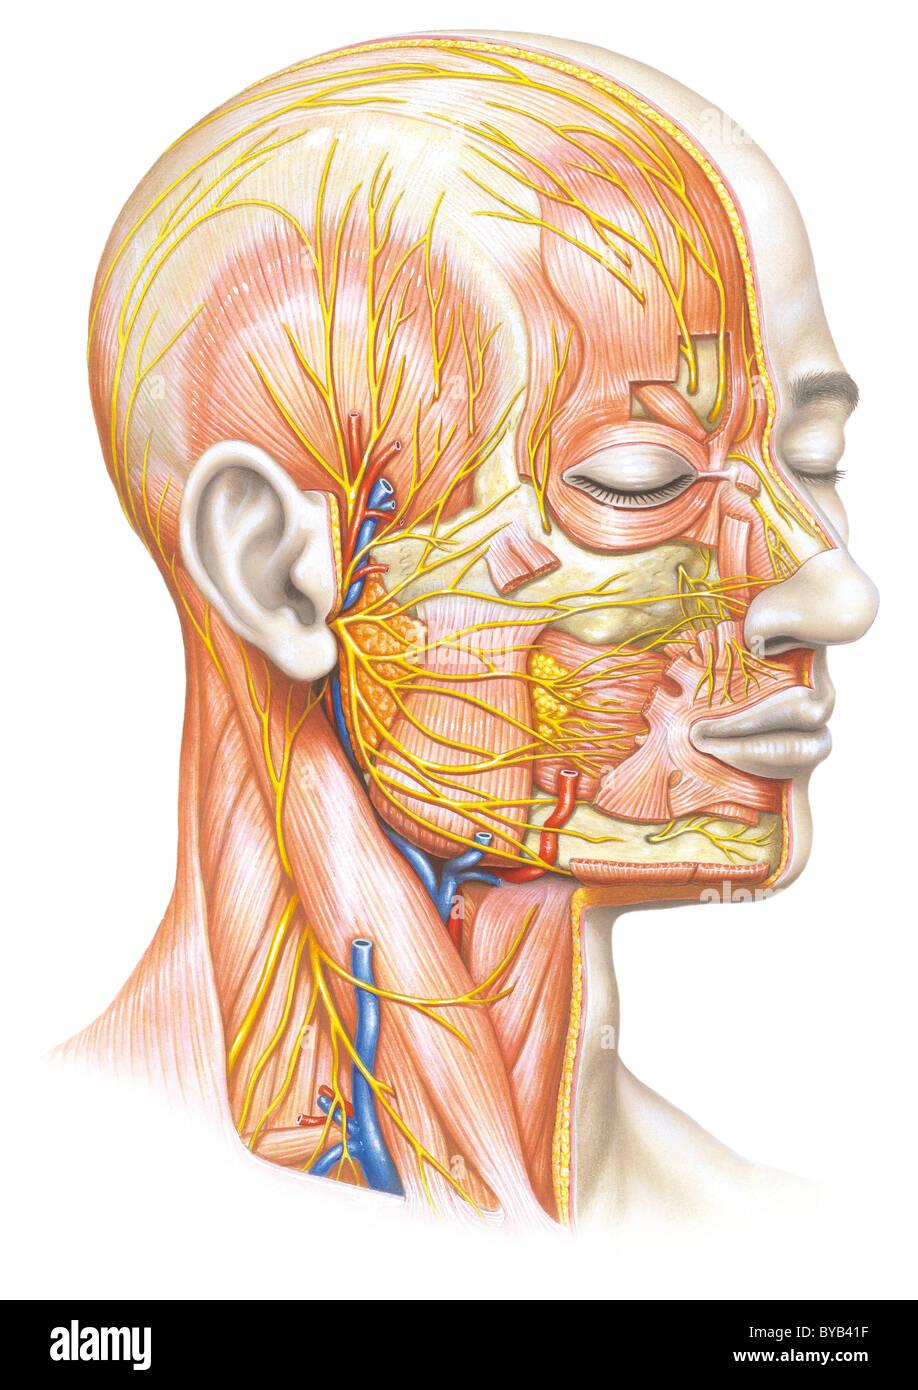 Ligaments Ligament Stockfotos & Ligaments Ligament Bilder - Alamy